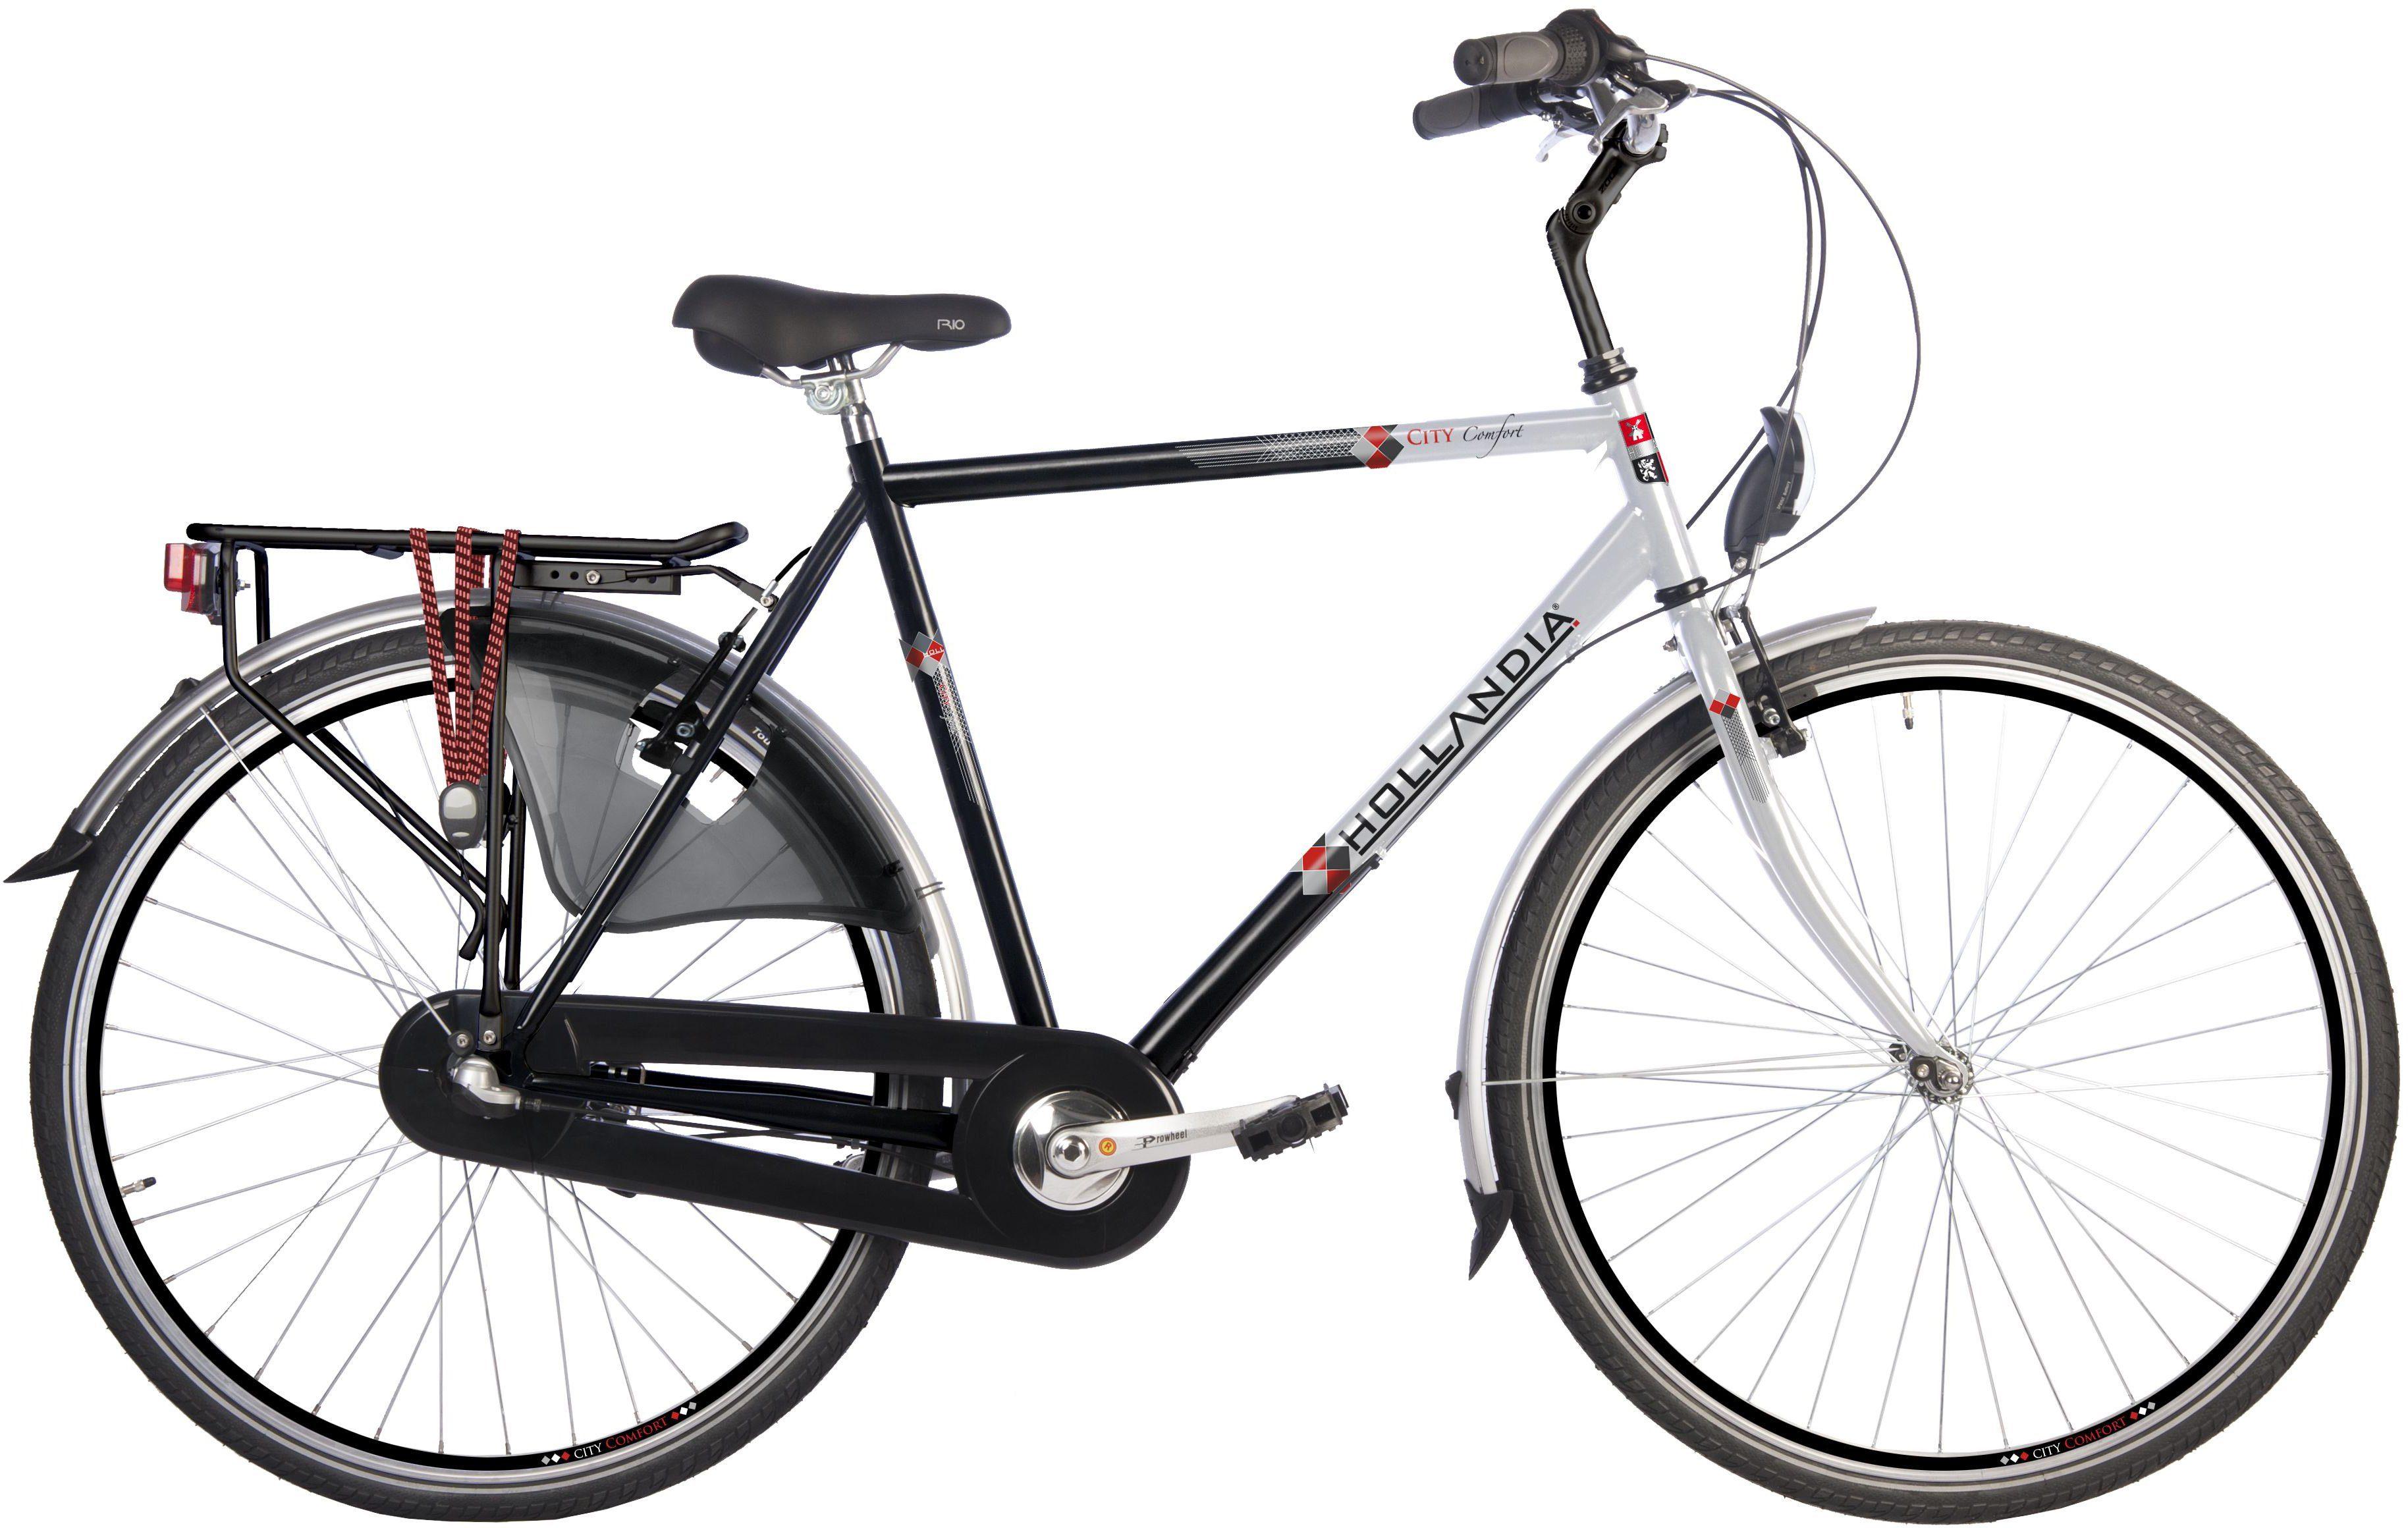 Hollandia Herren Citybike, 28 Zoll, 3 Gang Shimano Nabenschaltung, Rücktritt, »City Comfort«